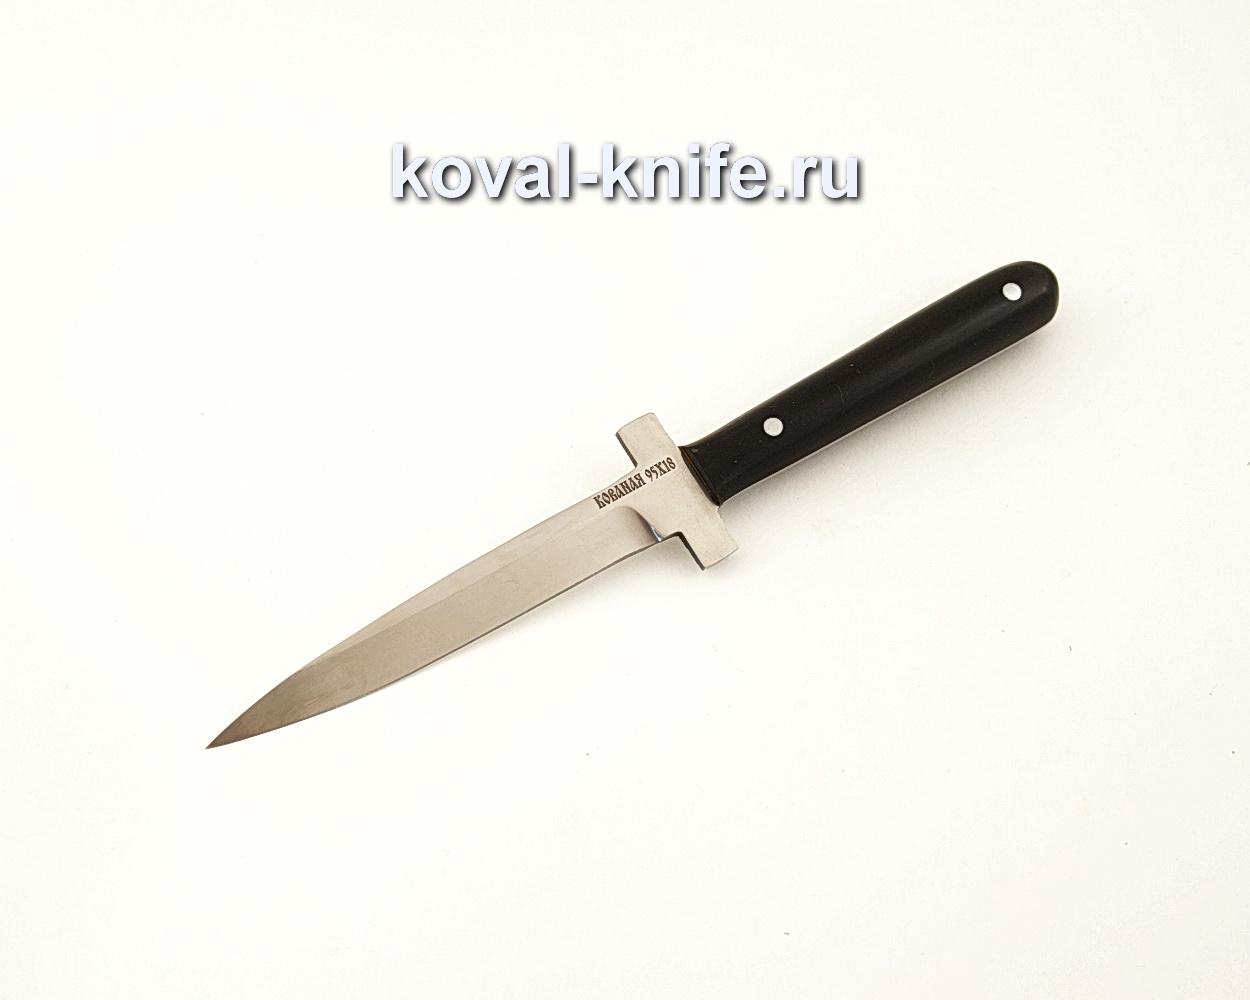 Нож Стилет цельнометаллический из кованой стали 95Х18 с накладками из граба  A641